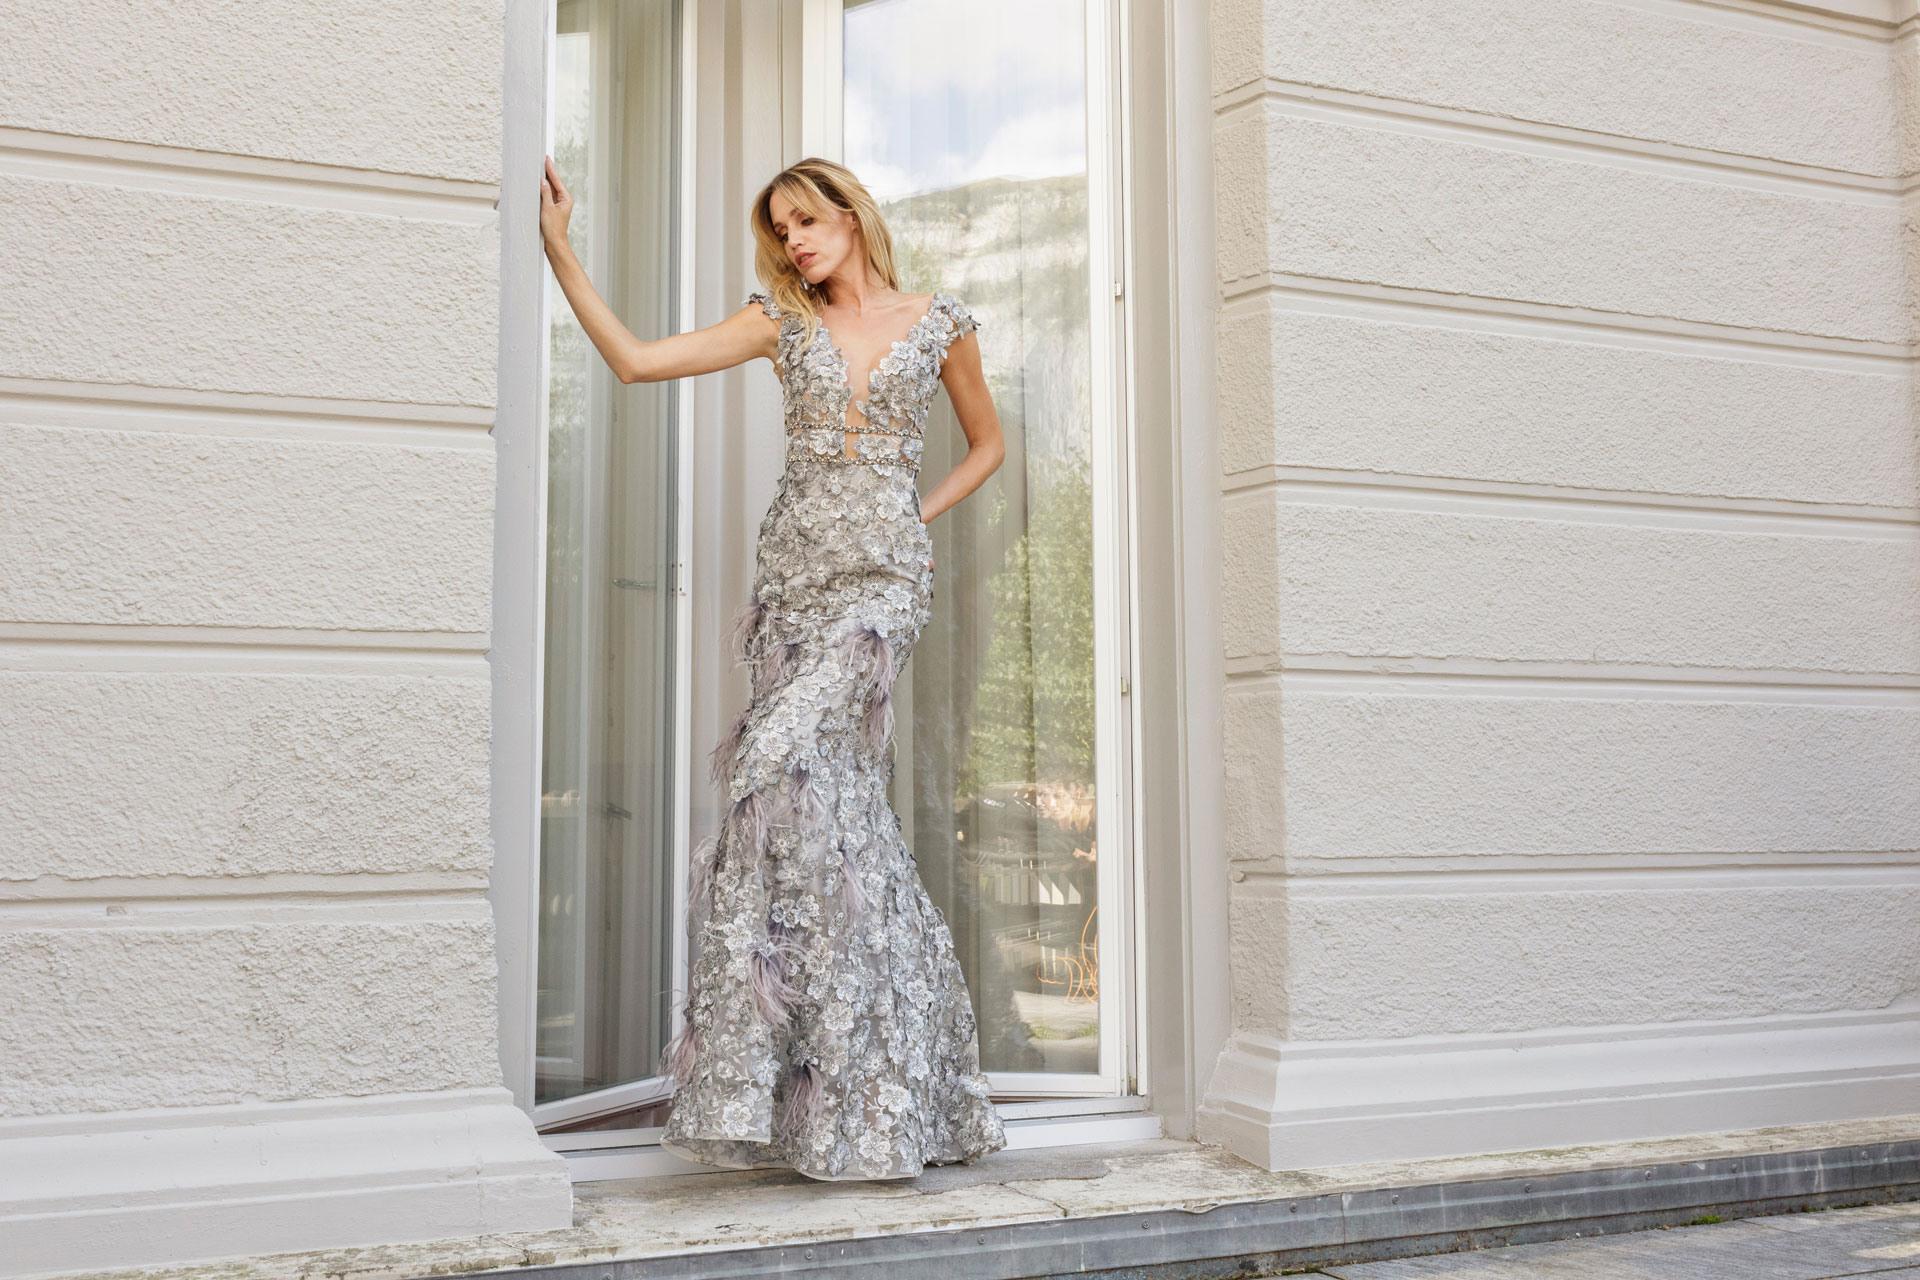 9 Fantastisch Abendkleider Qualität Galerie - Abendkleid